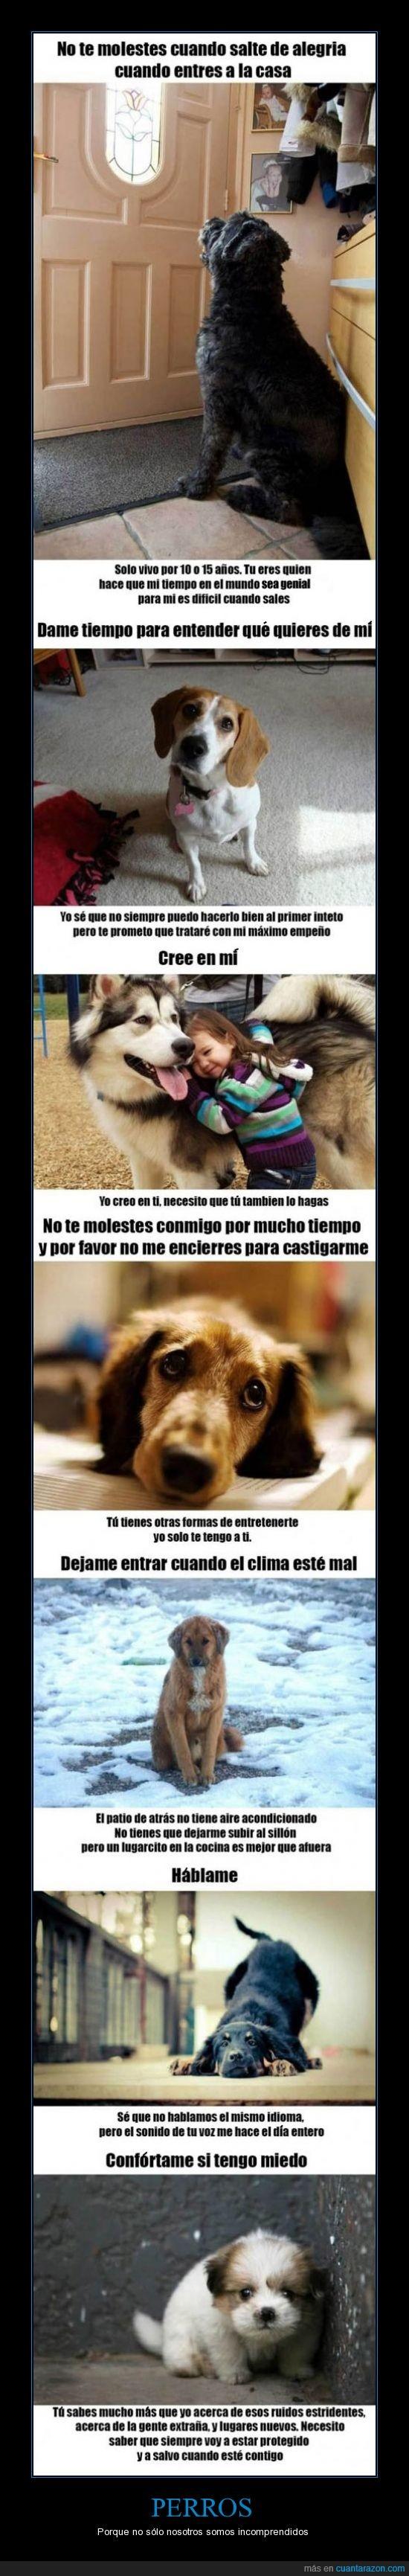 castigar,incomprendidos,miedo,perros,triste